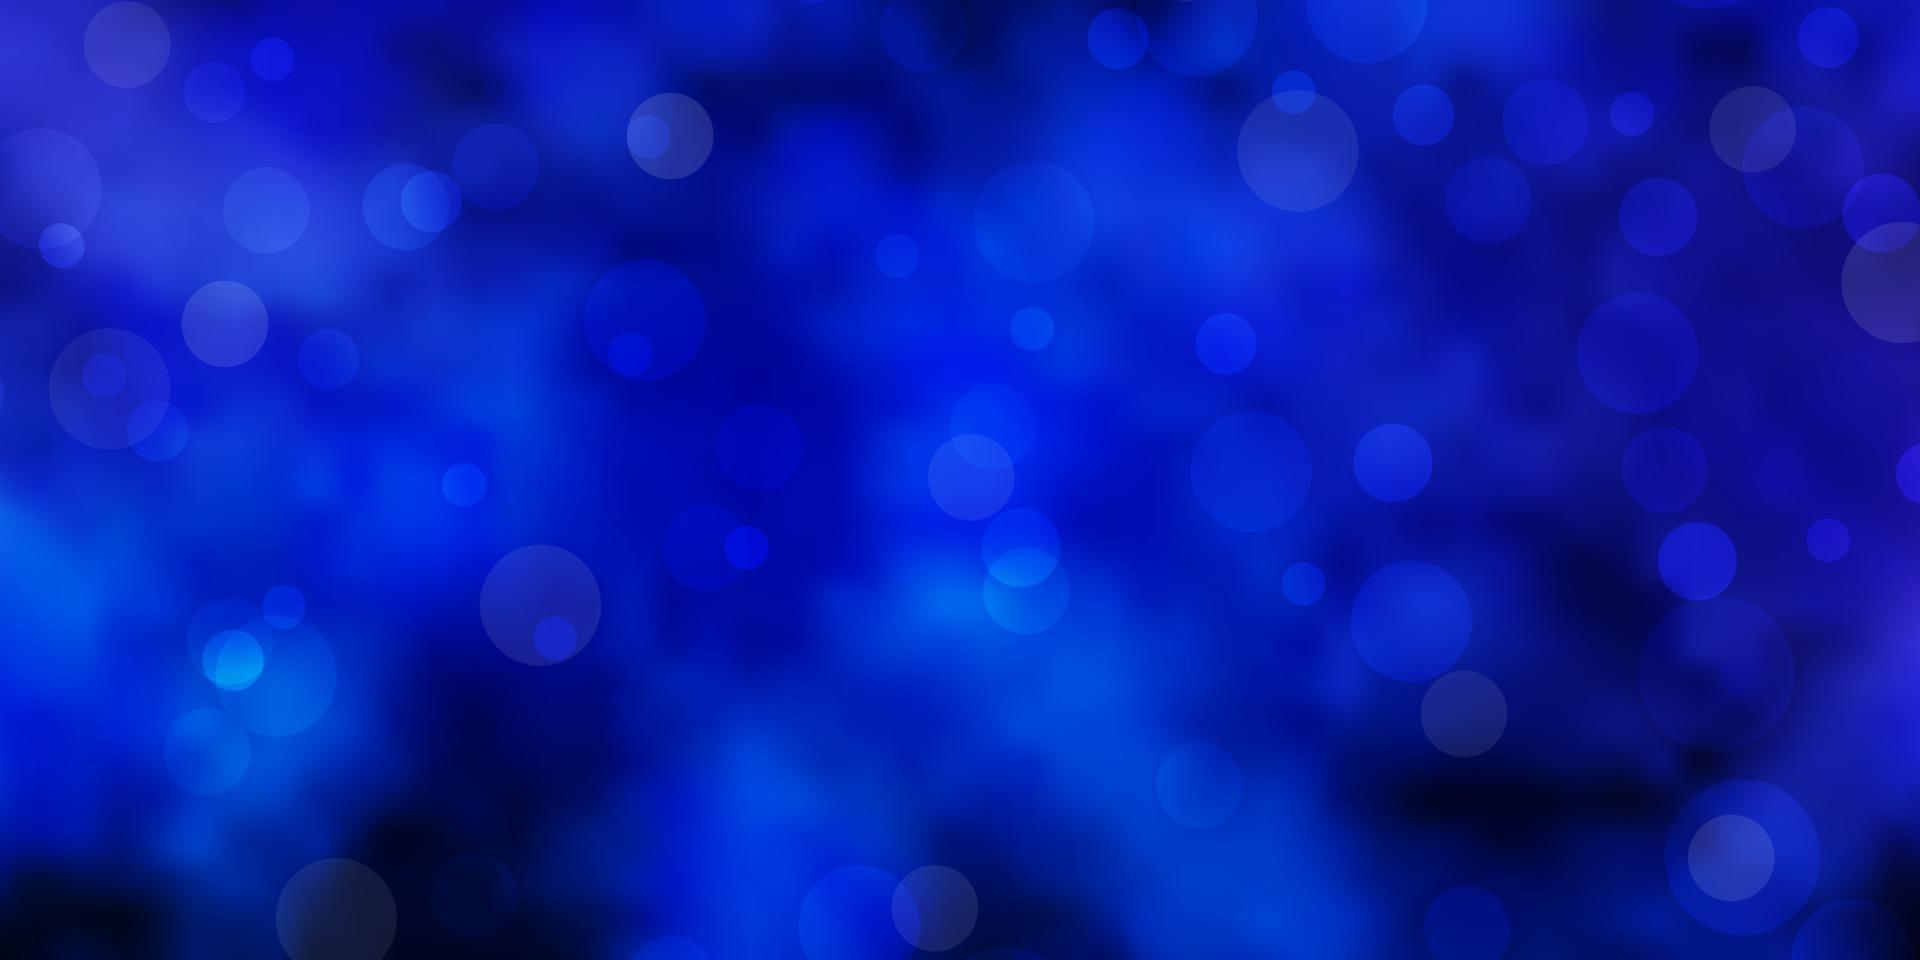 trama vettoriale rosa scuro, blu con dischi.